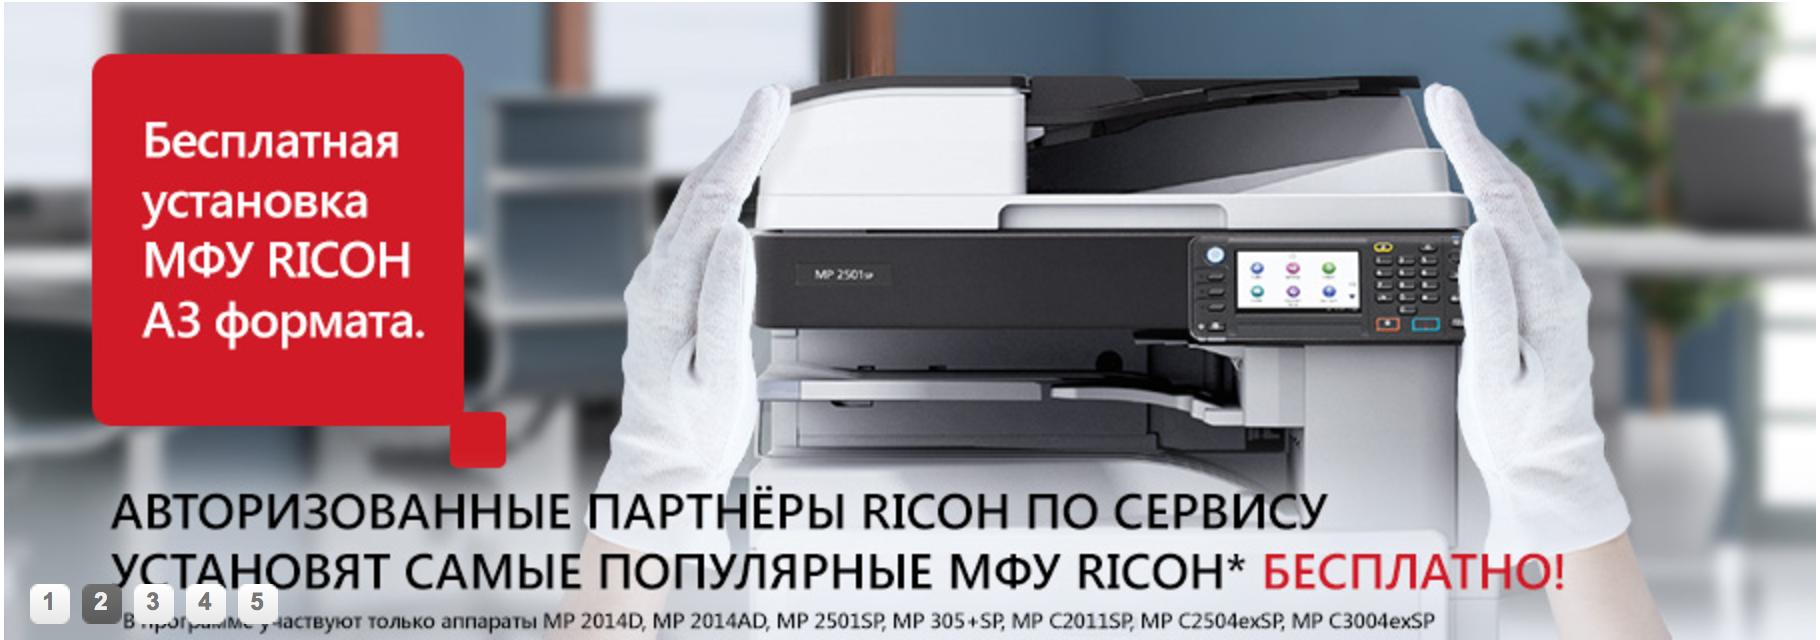 Бесплатный запуск мфу Ricoh A3